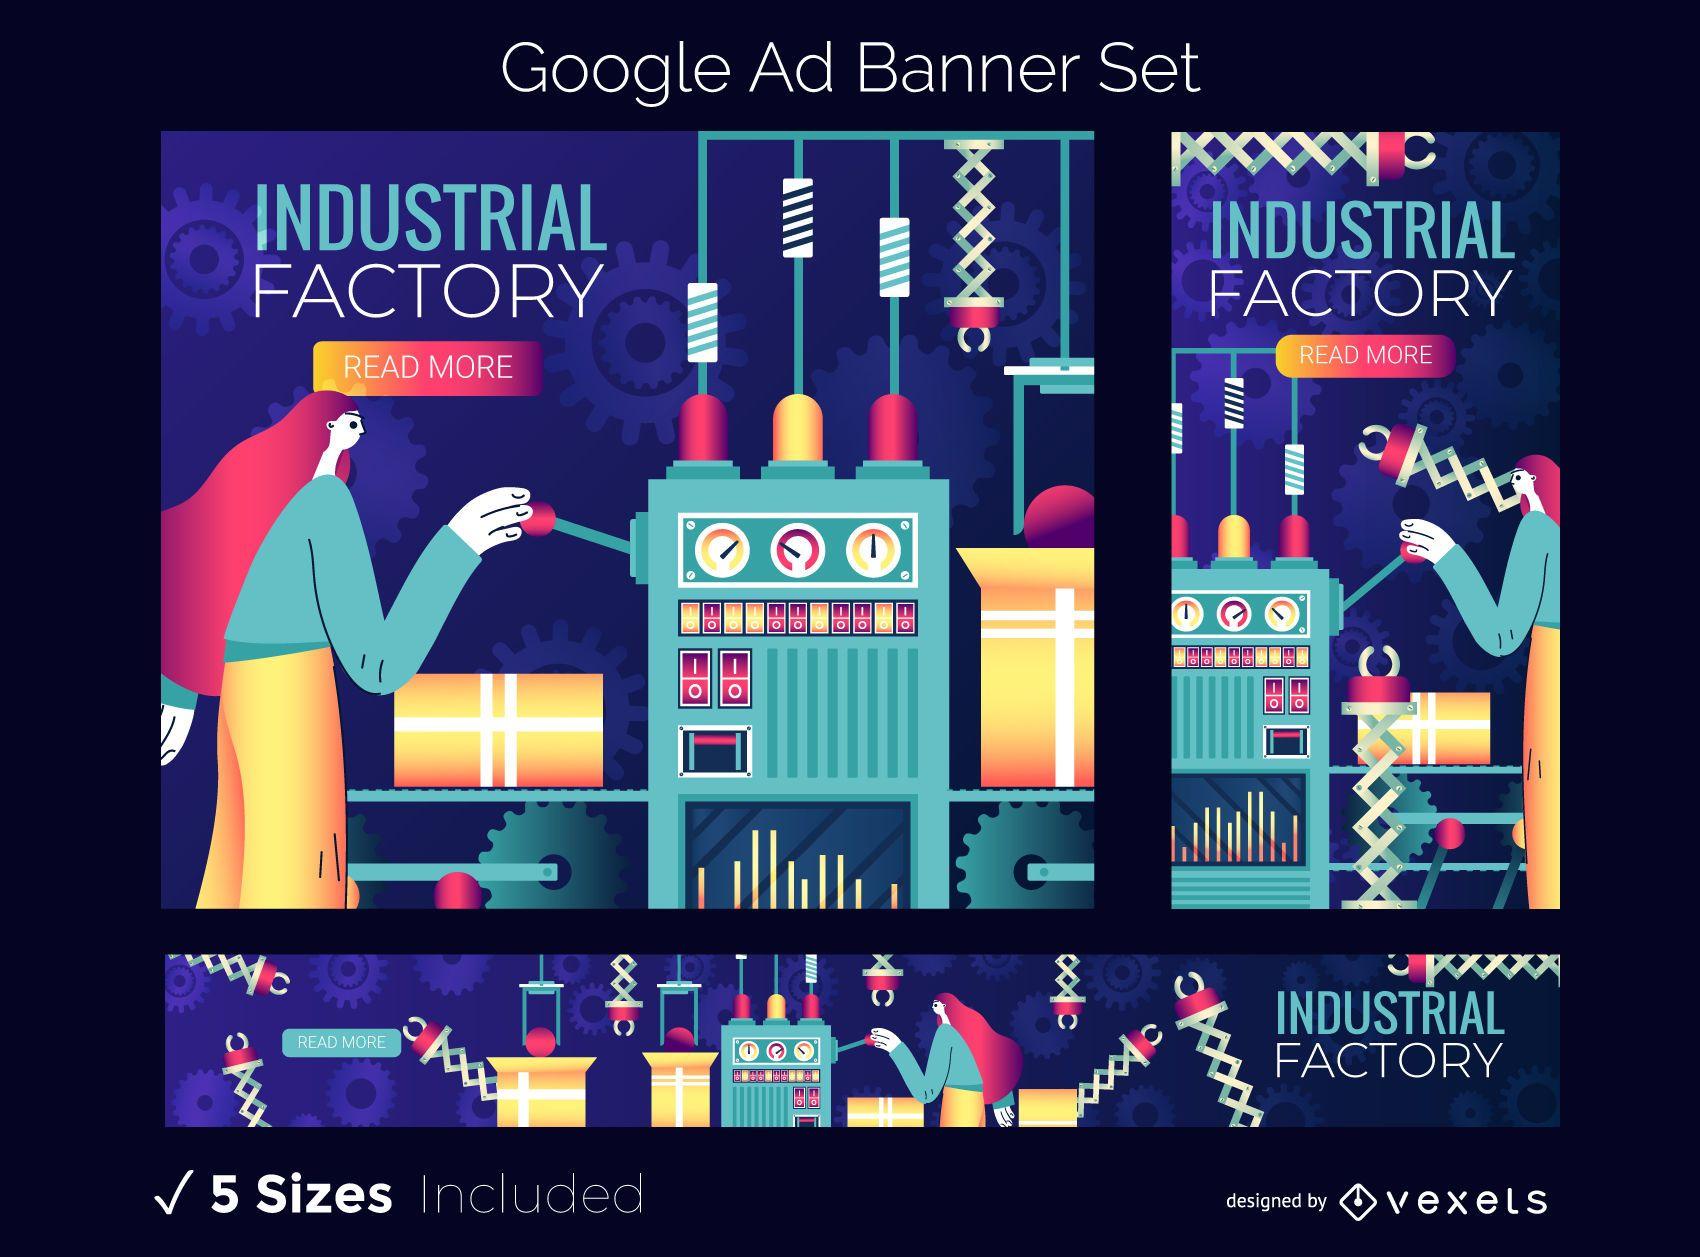 Conjunto de banners de anuncios de Google de fábrica industrial